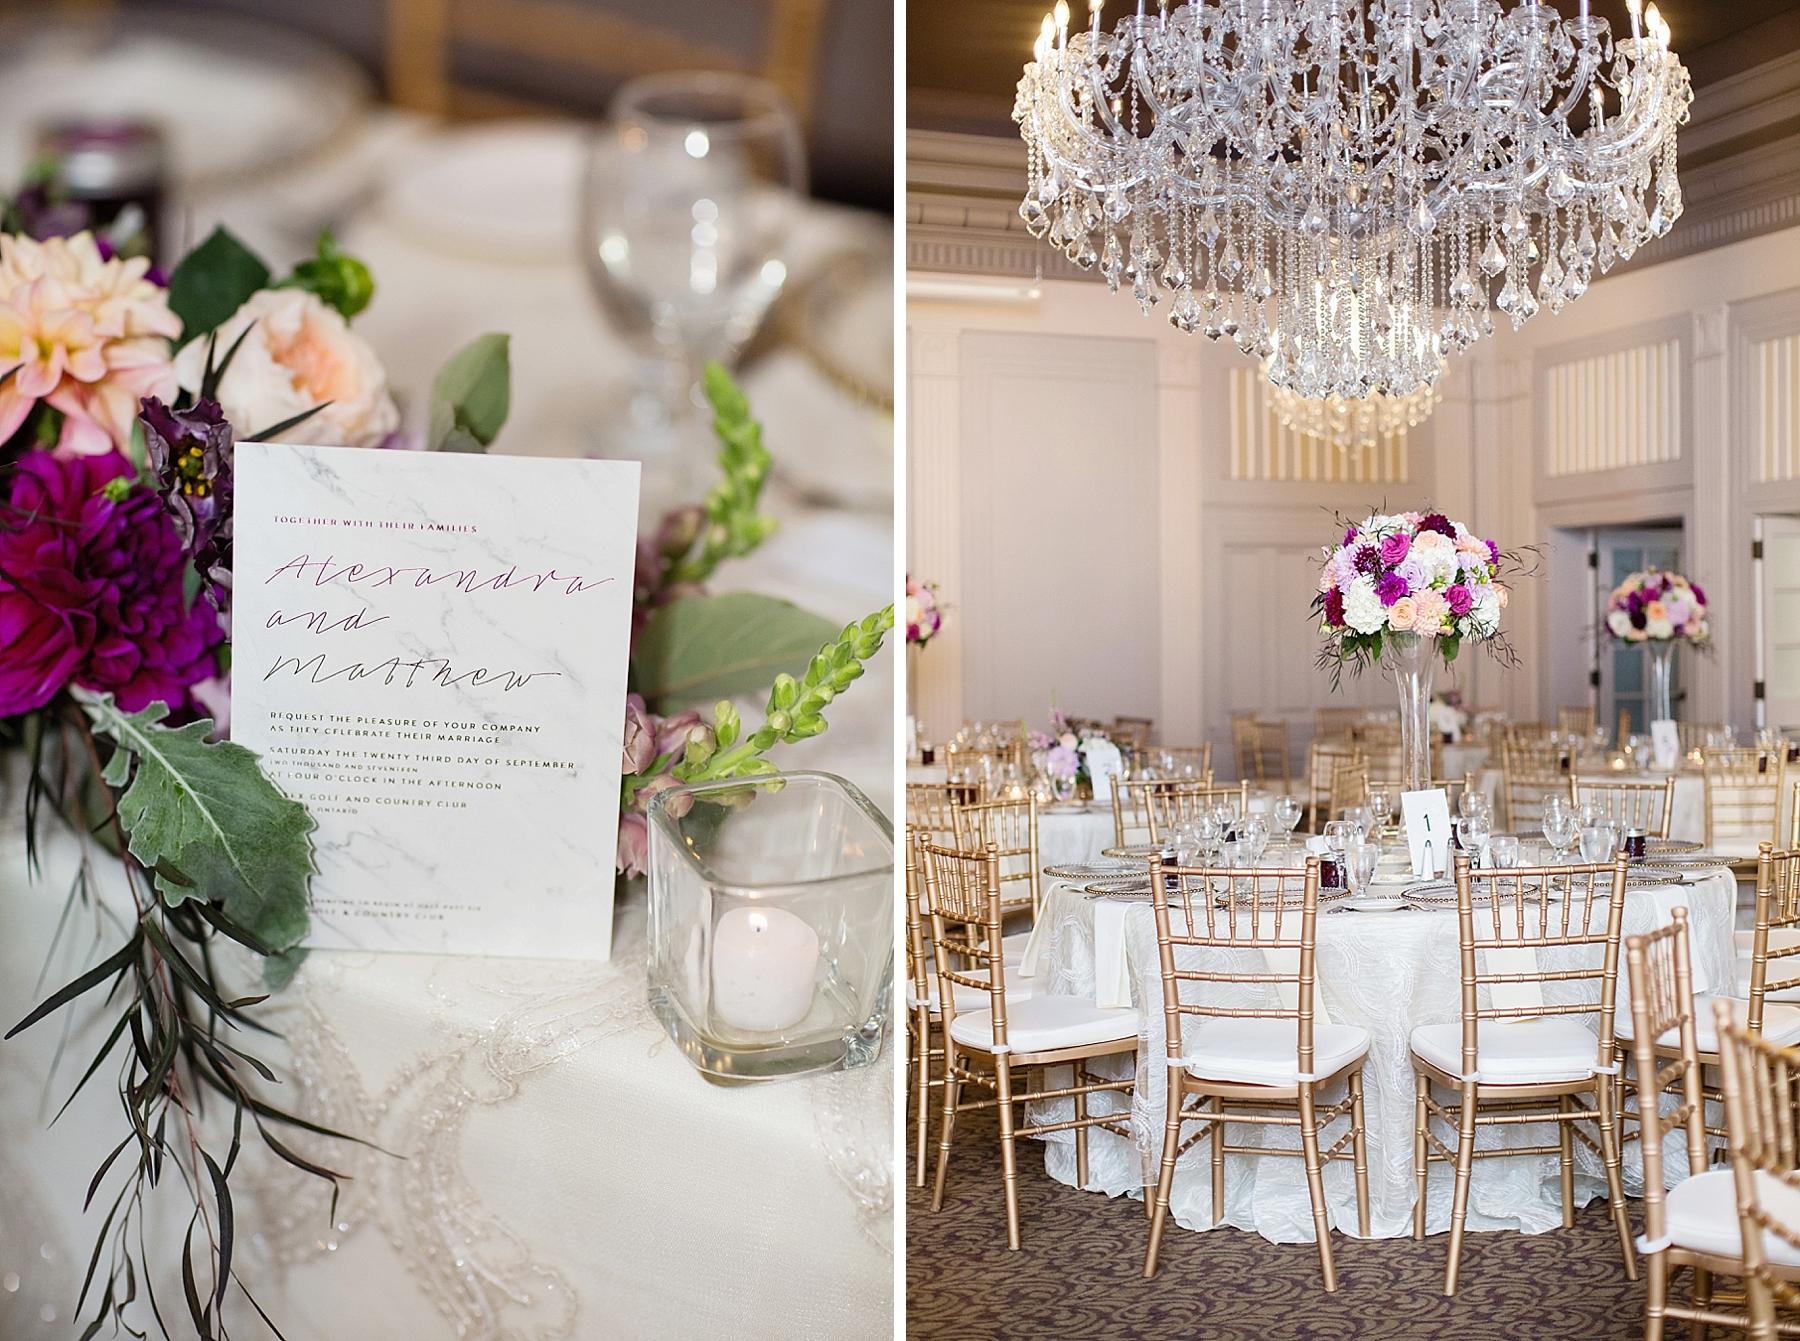 windsor-wedding-photographer-essex-golf-country-club-wedding-eryn-shea-photography_0066.jpg